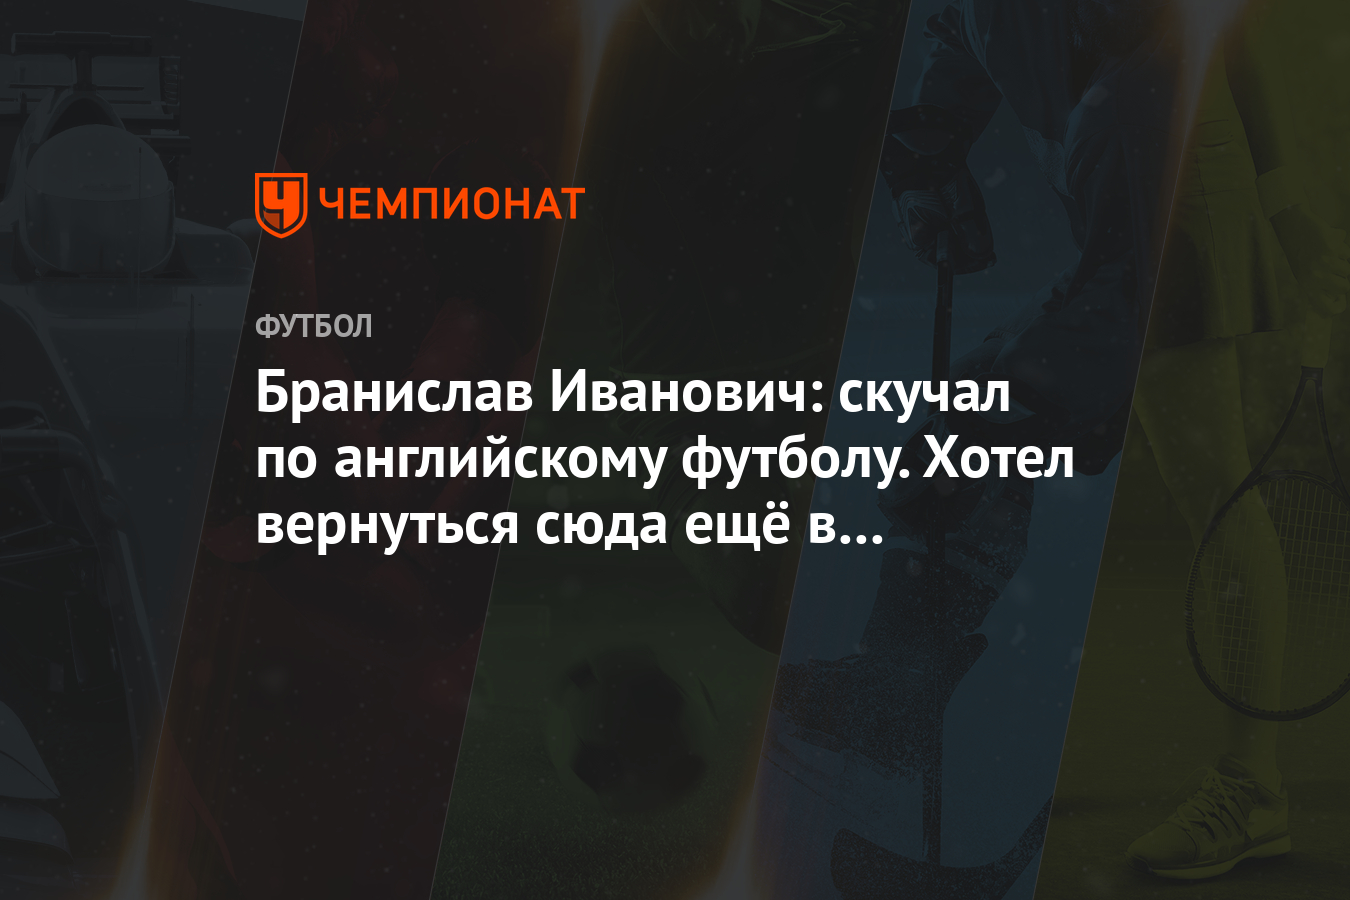 Бранислав Иванович: скучал по английскому футболу. Хотел вернуться сюда ещё в прошлом году